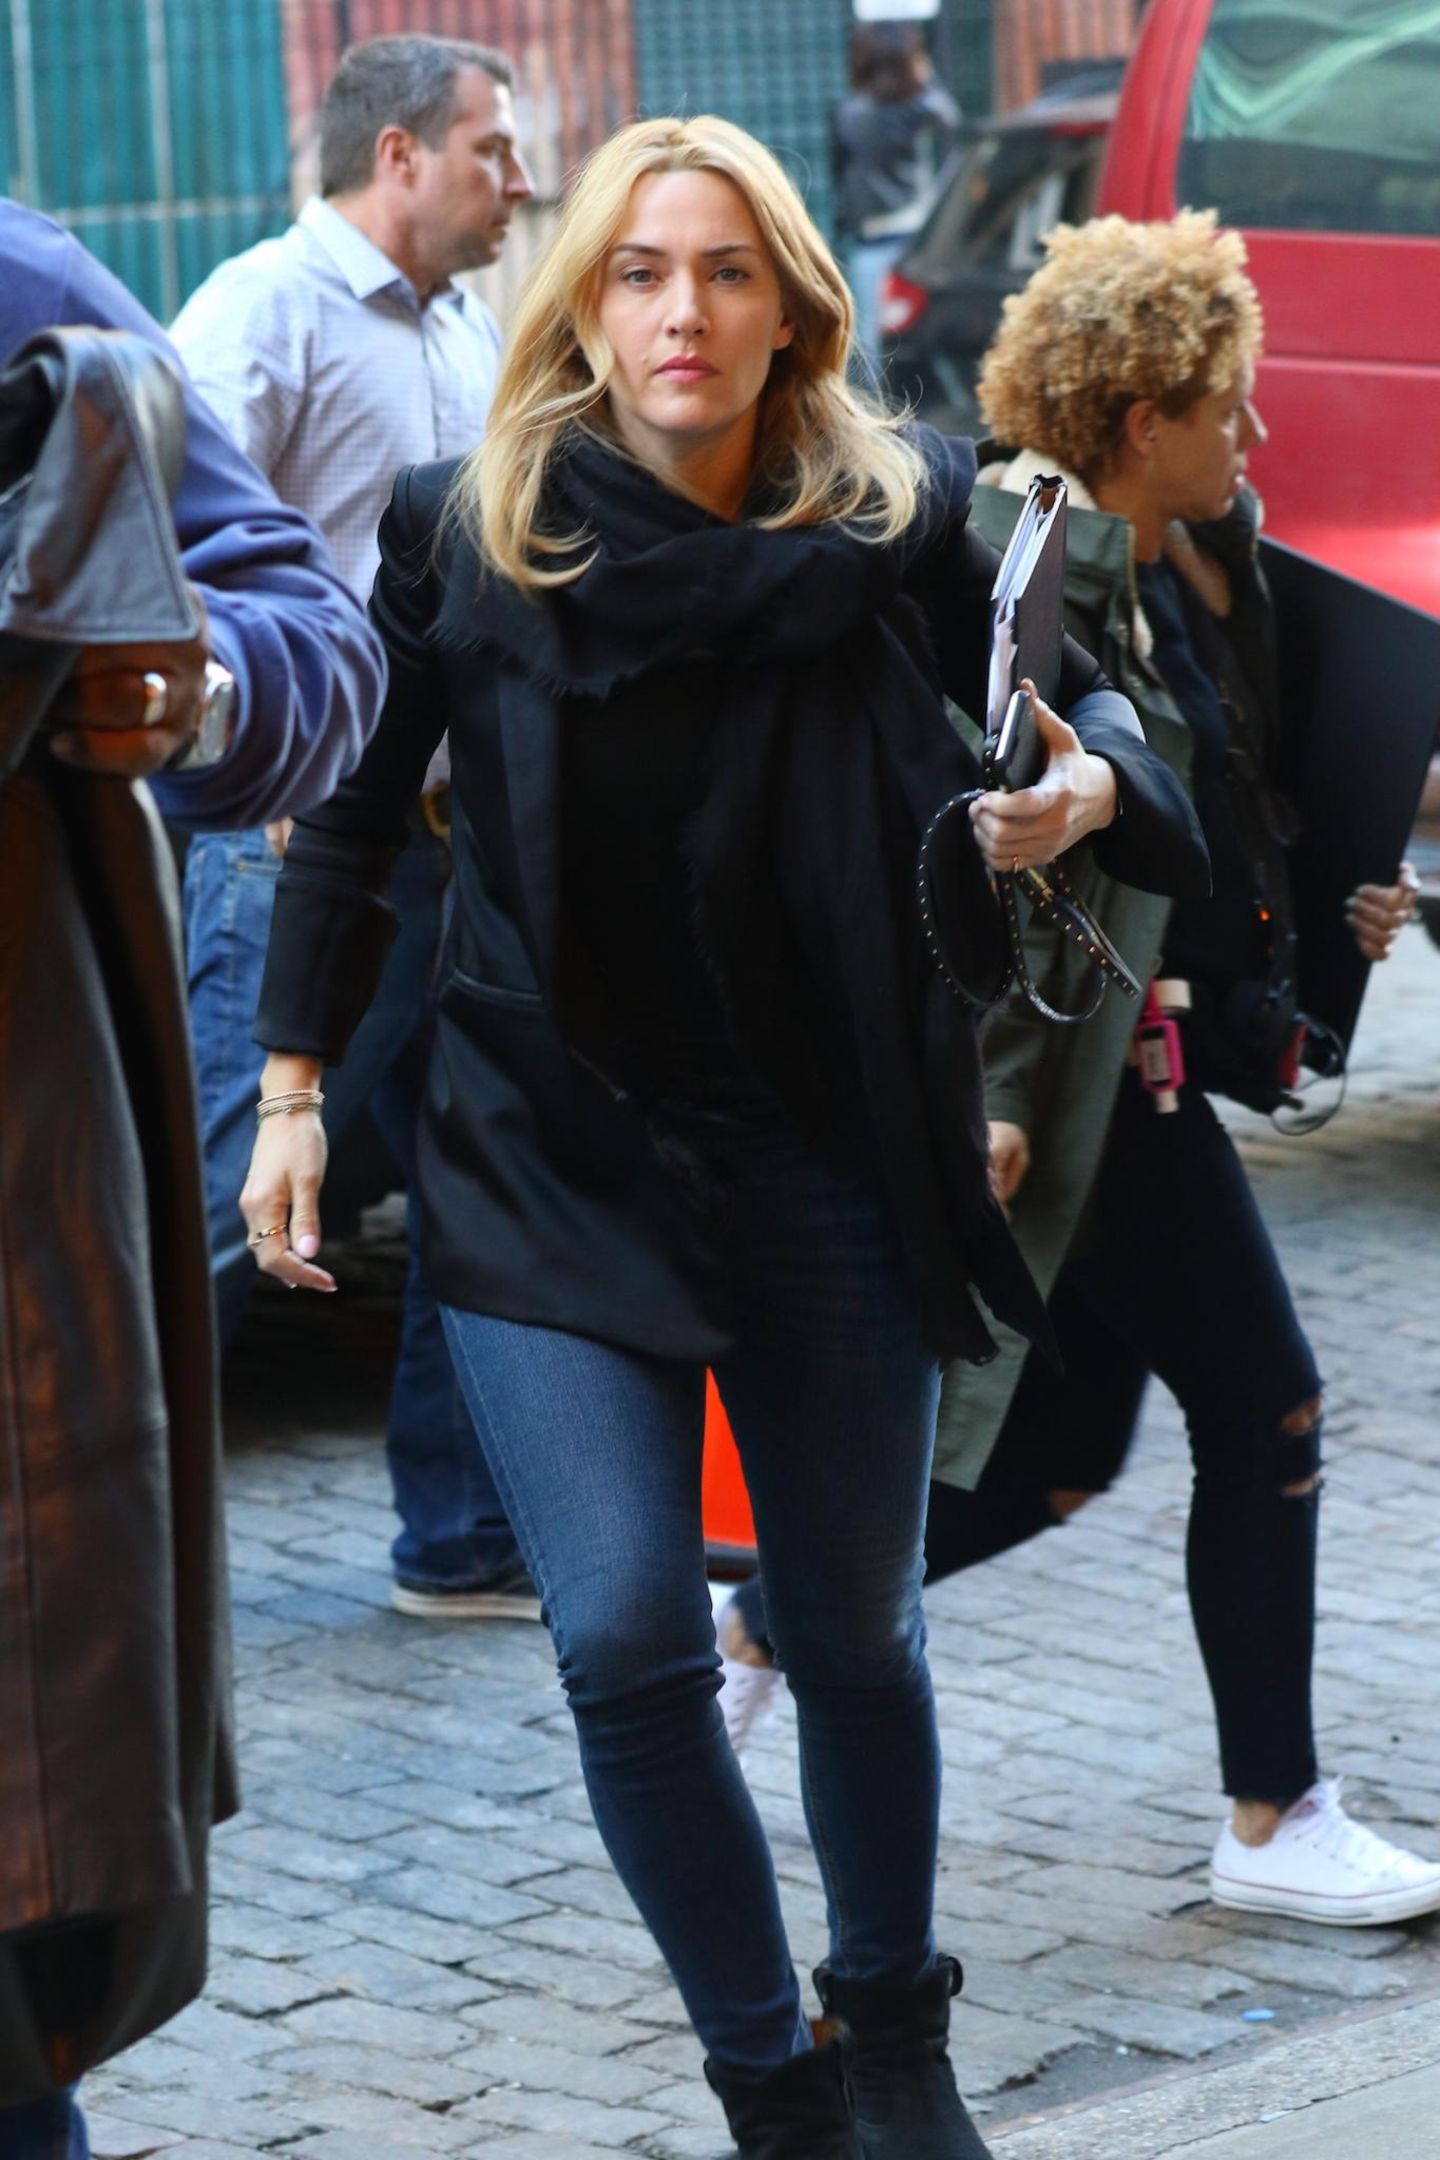 1. März 2016: Kate Winslet ist in New York auf dem Weg zu den Dreharbeiten zu ihrem neuen Film.